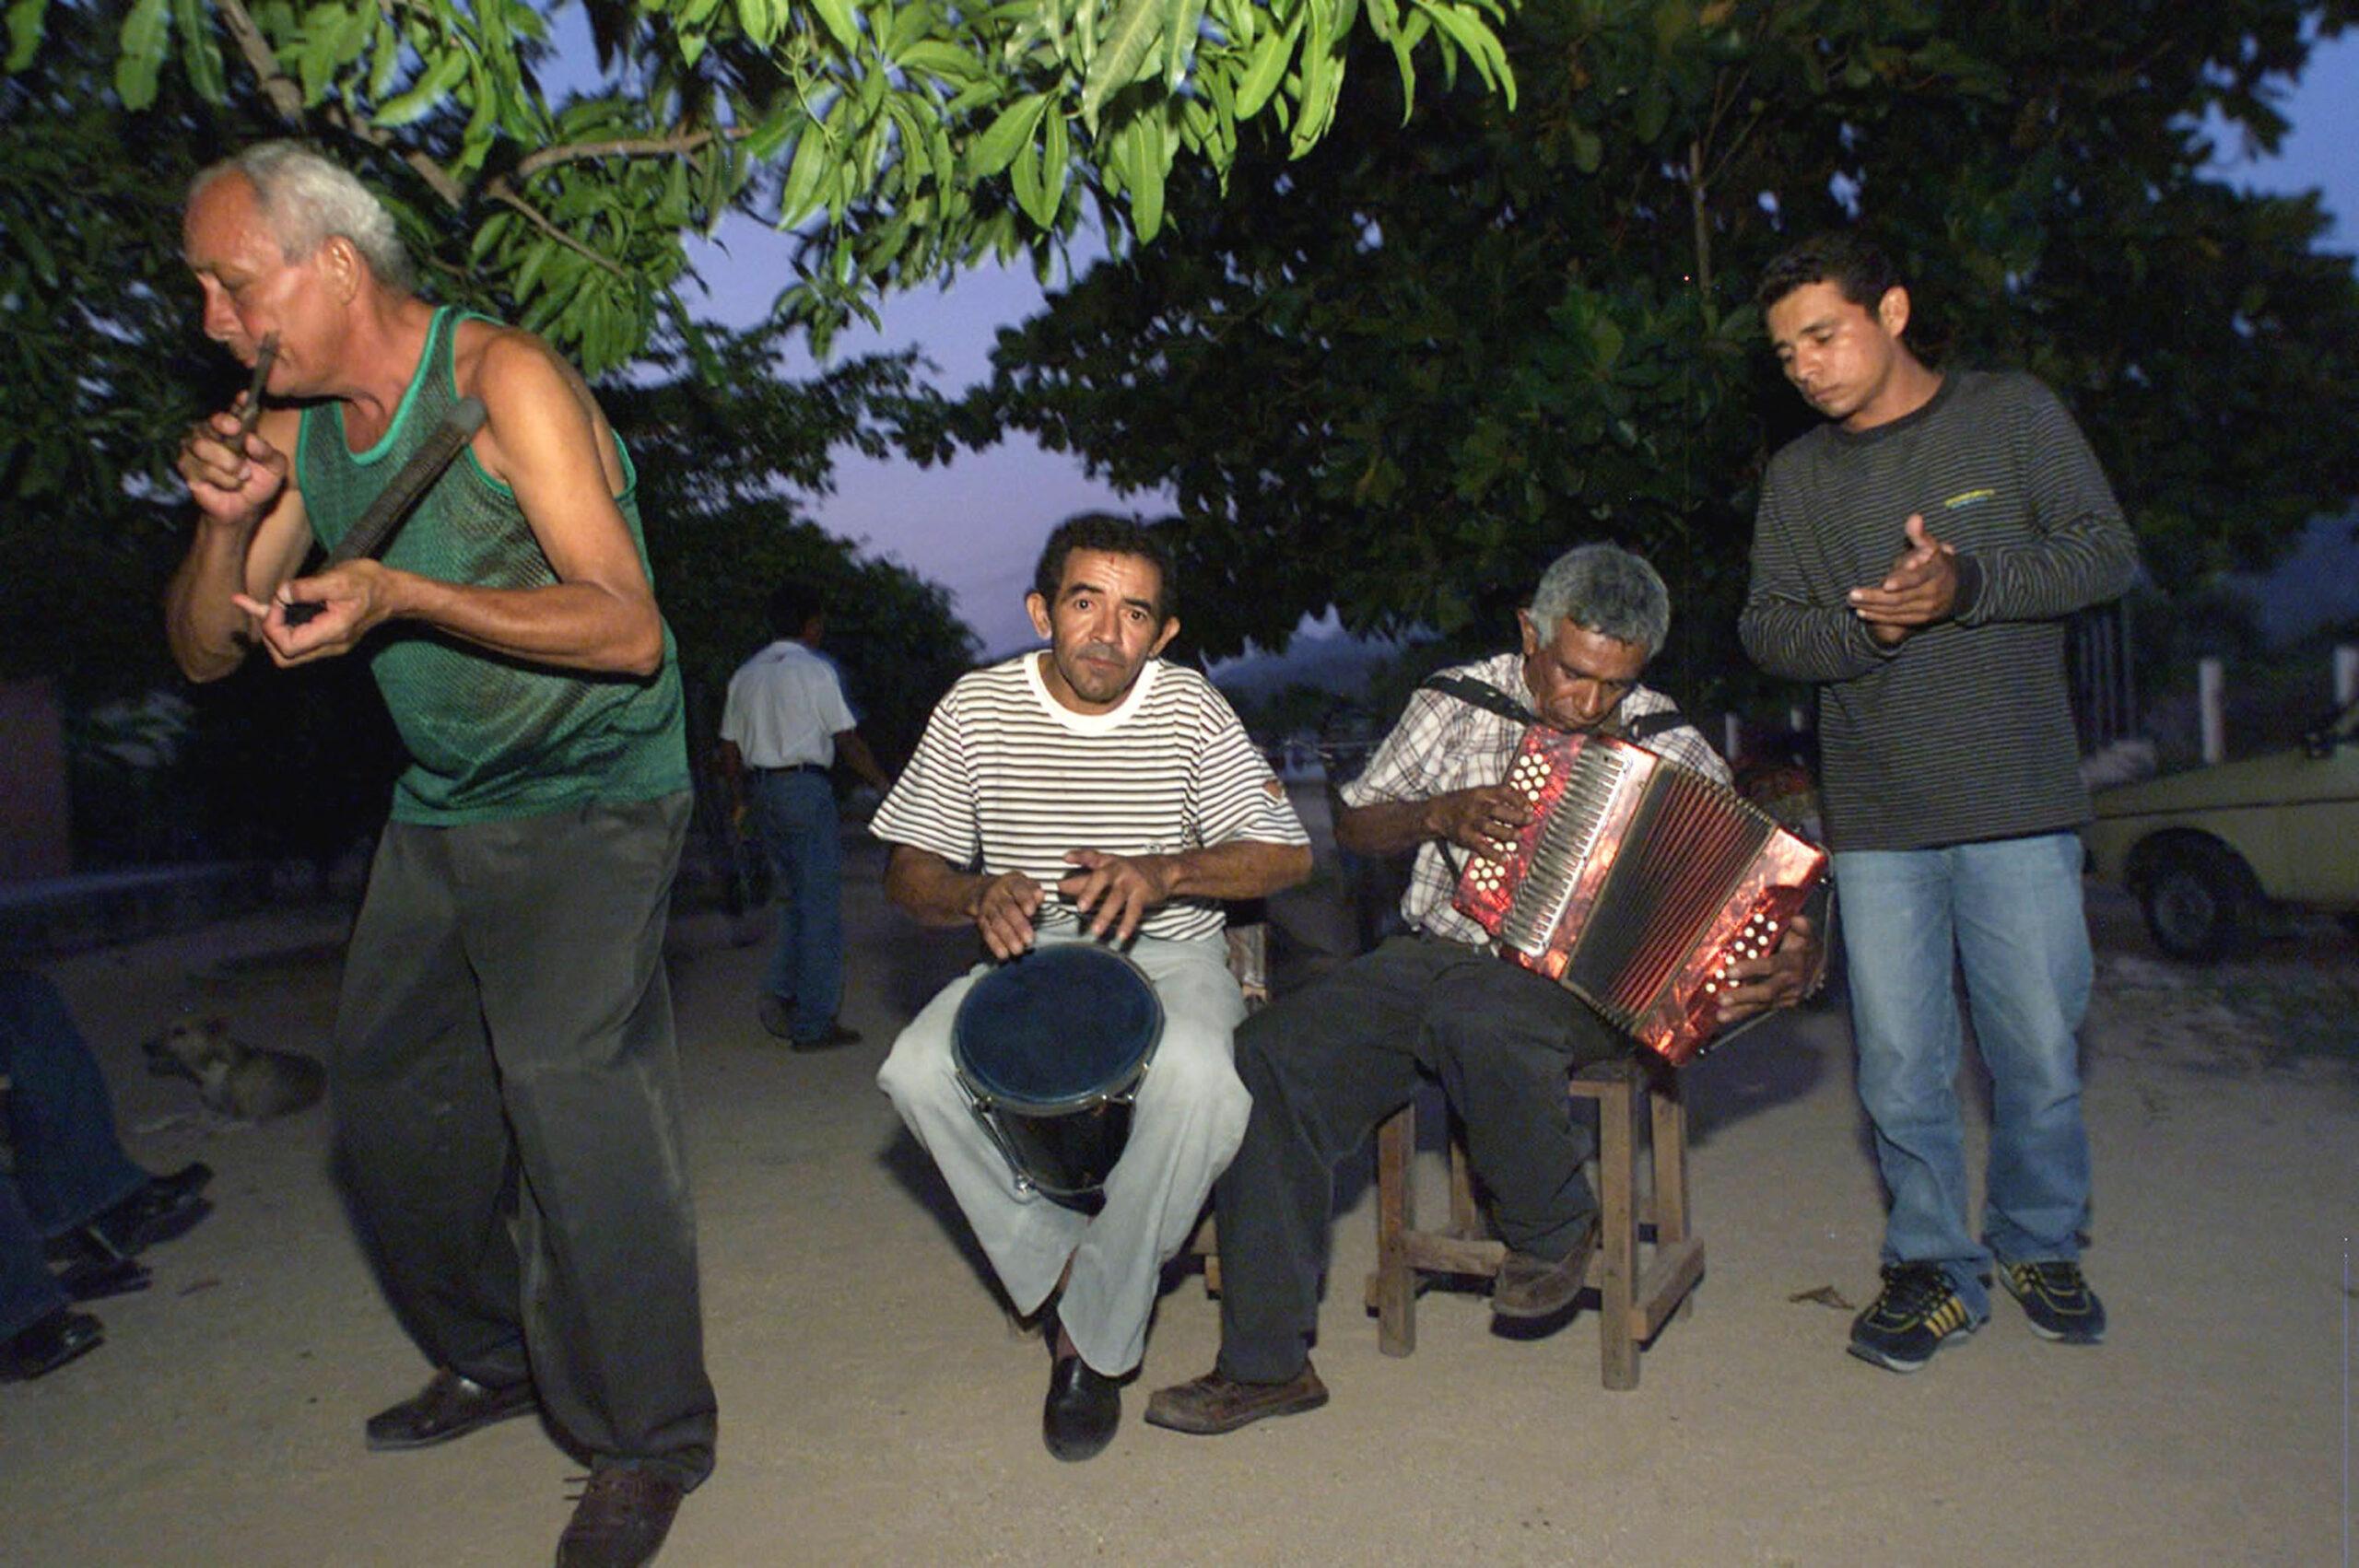 El origen del vallenato, el género colombiano por excelencia